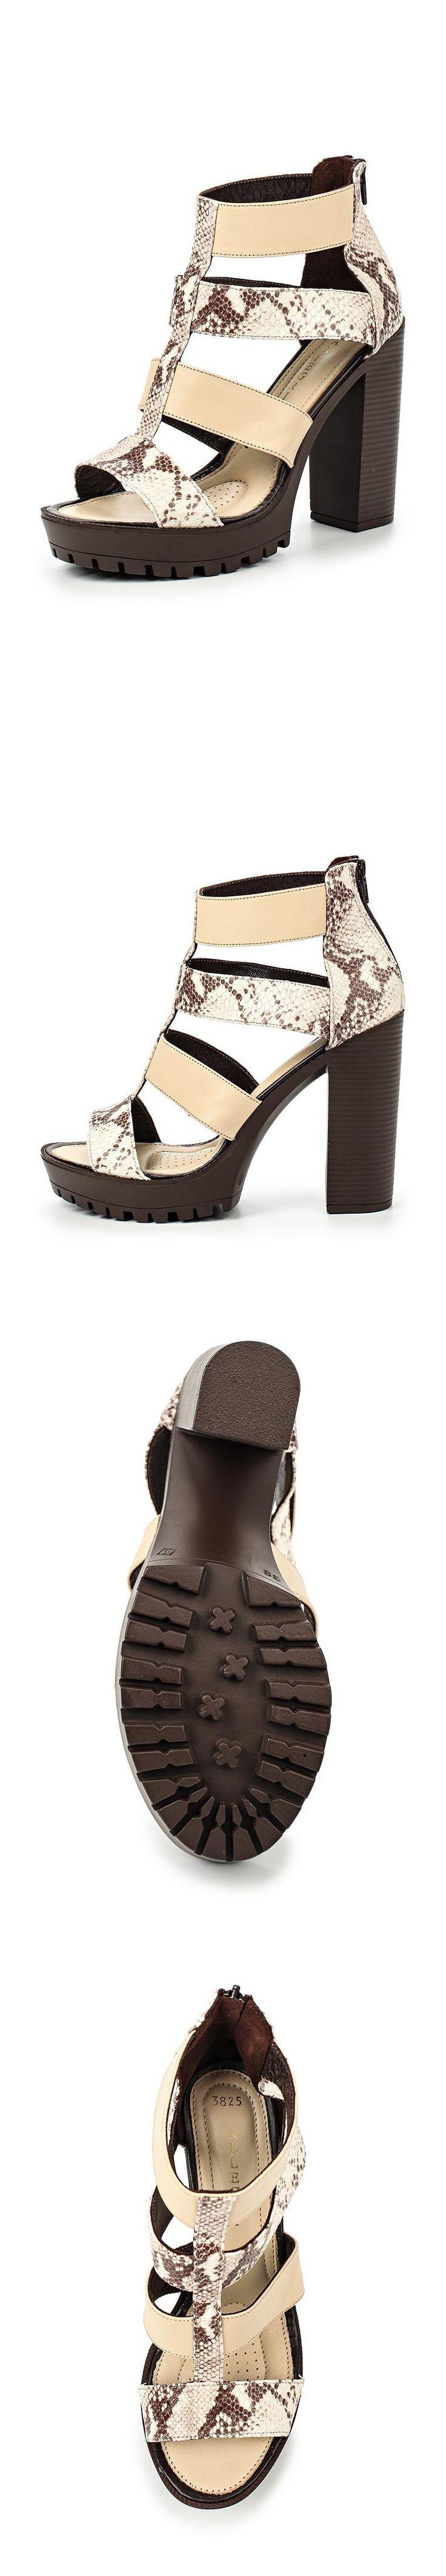 Женская обувь босоножки Allegri за 9599.00 руб.